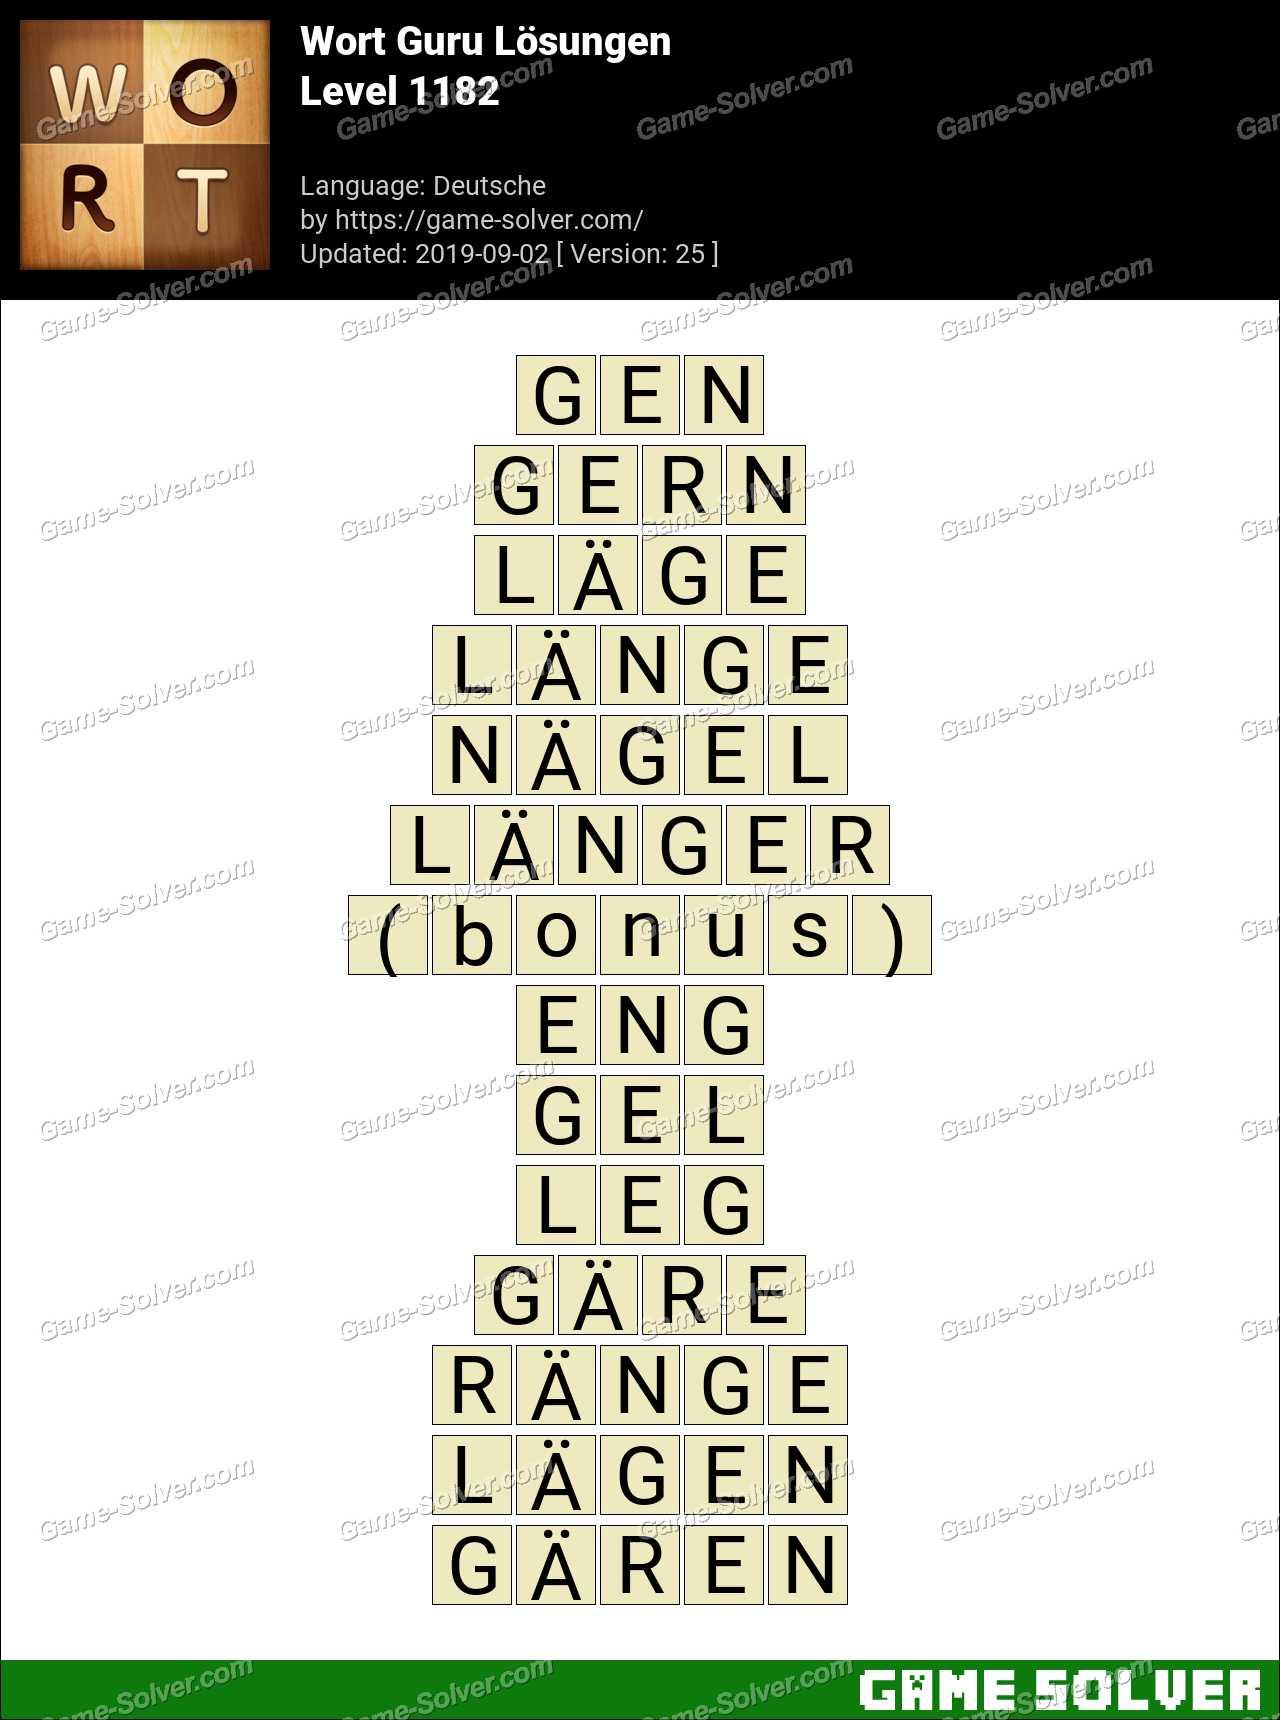 Wort Guru Level 1182 Lösungen